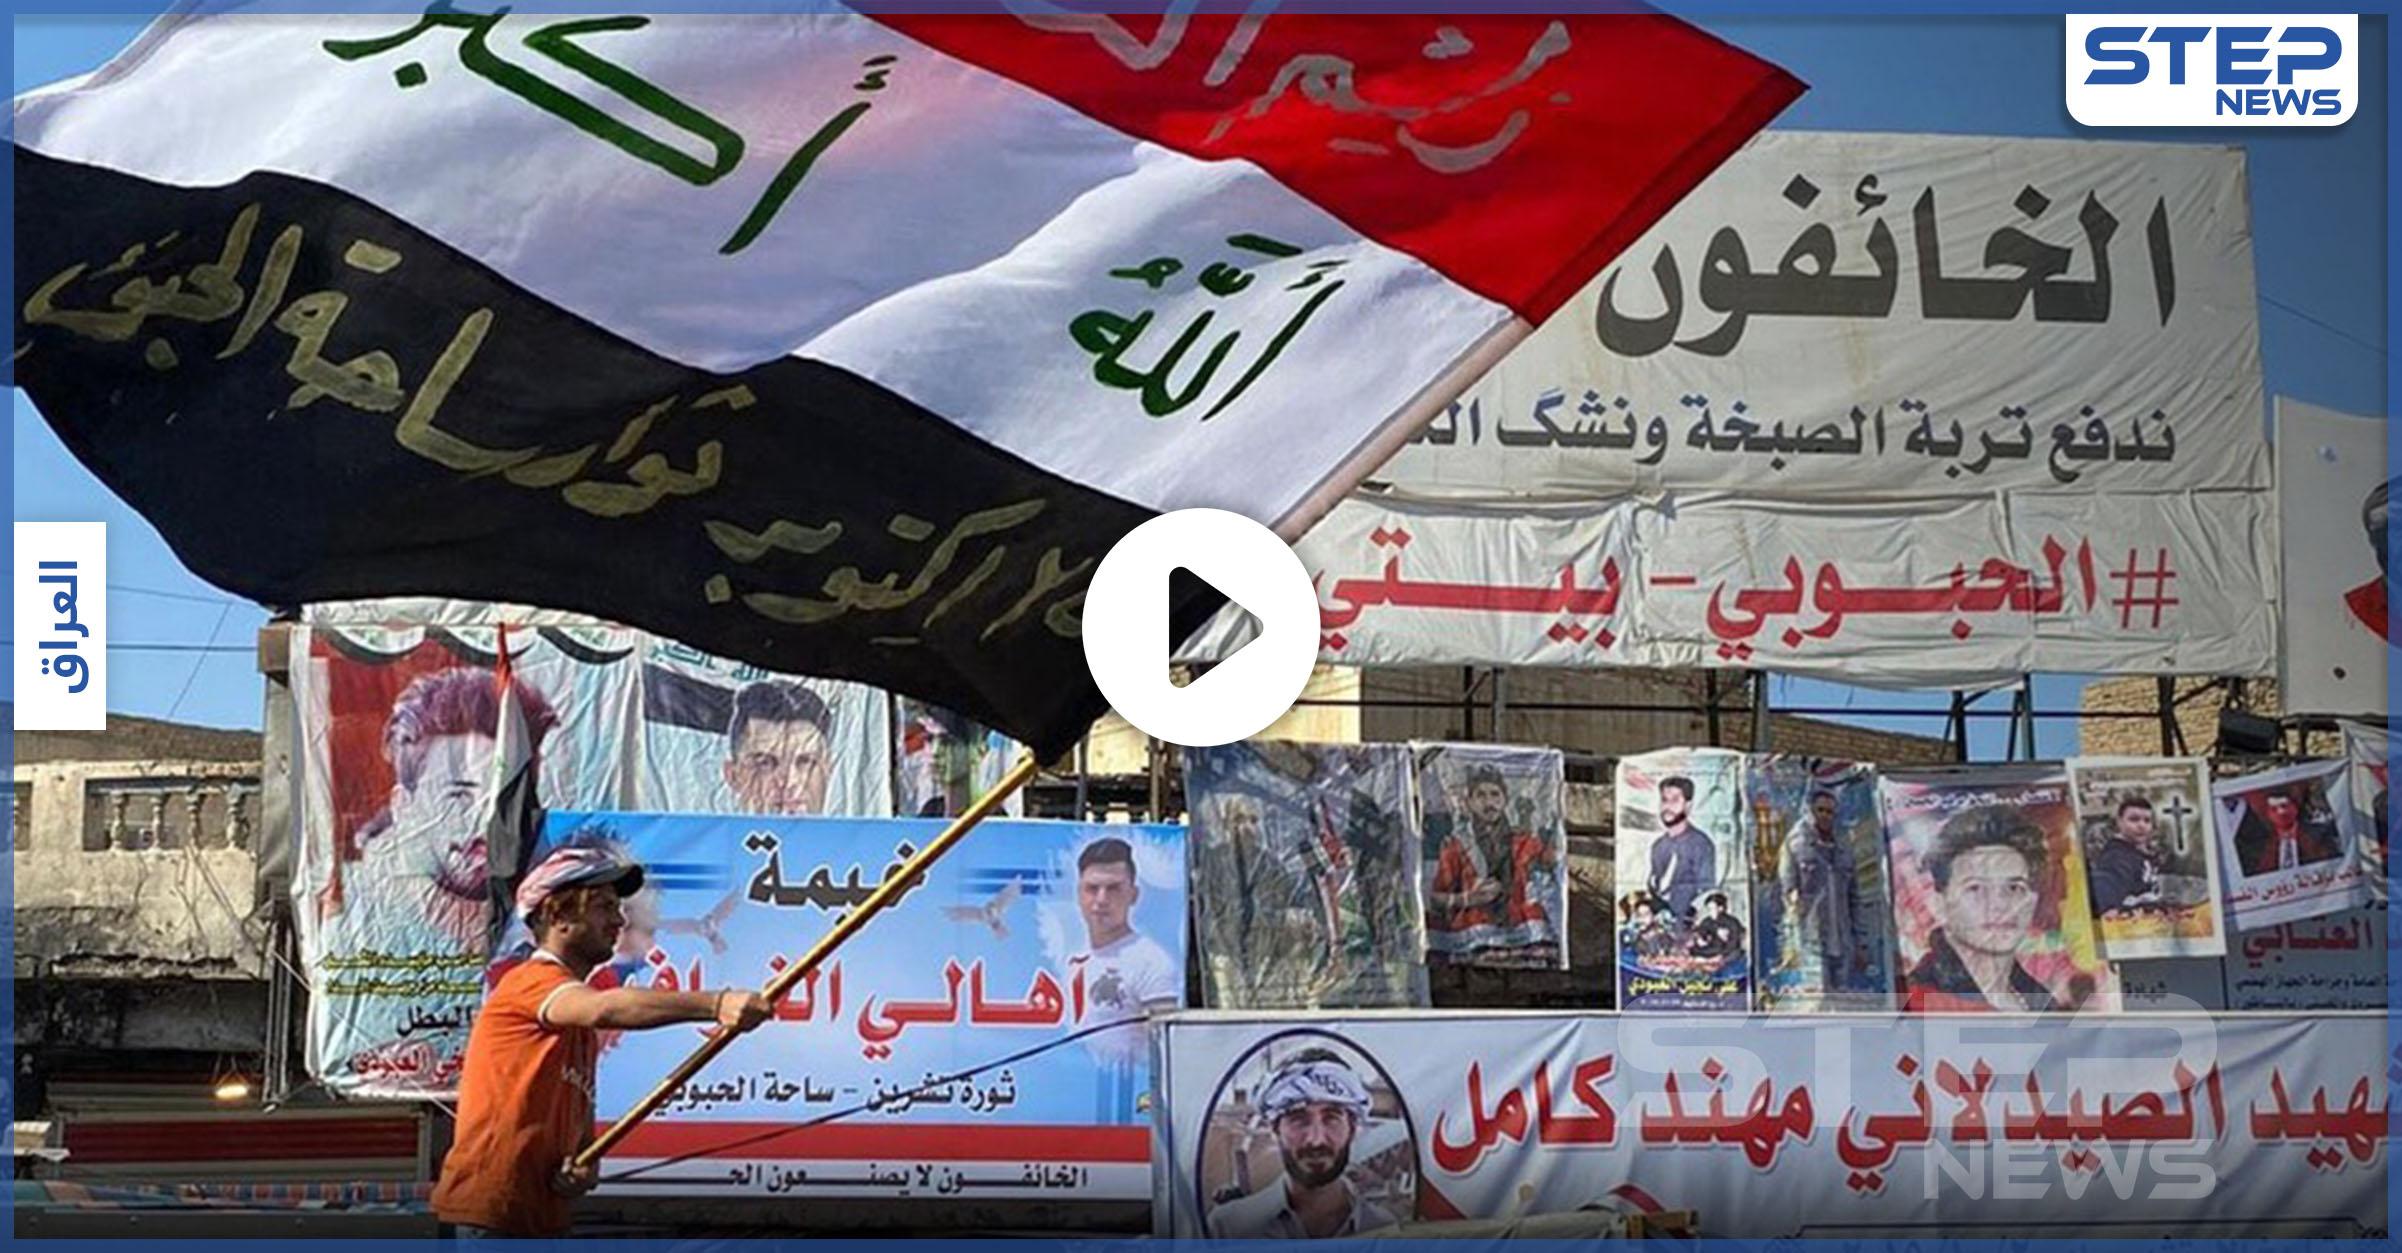 العراقيون يحيون الذكرى الأولى للثورة العراقية